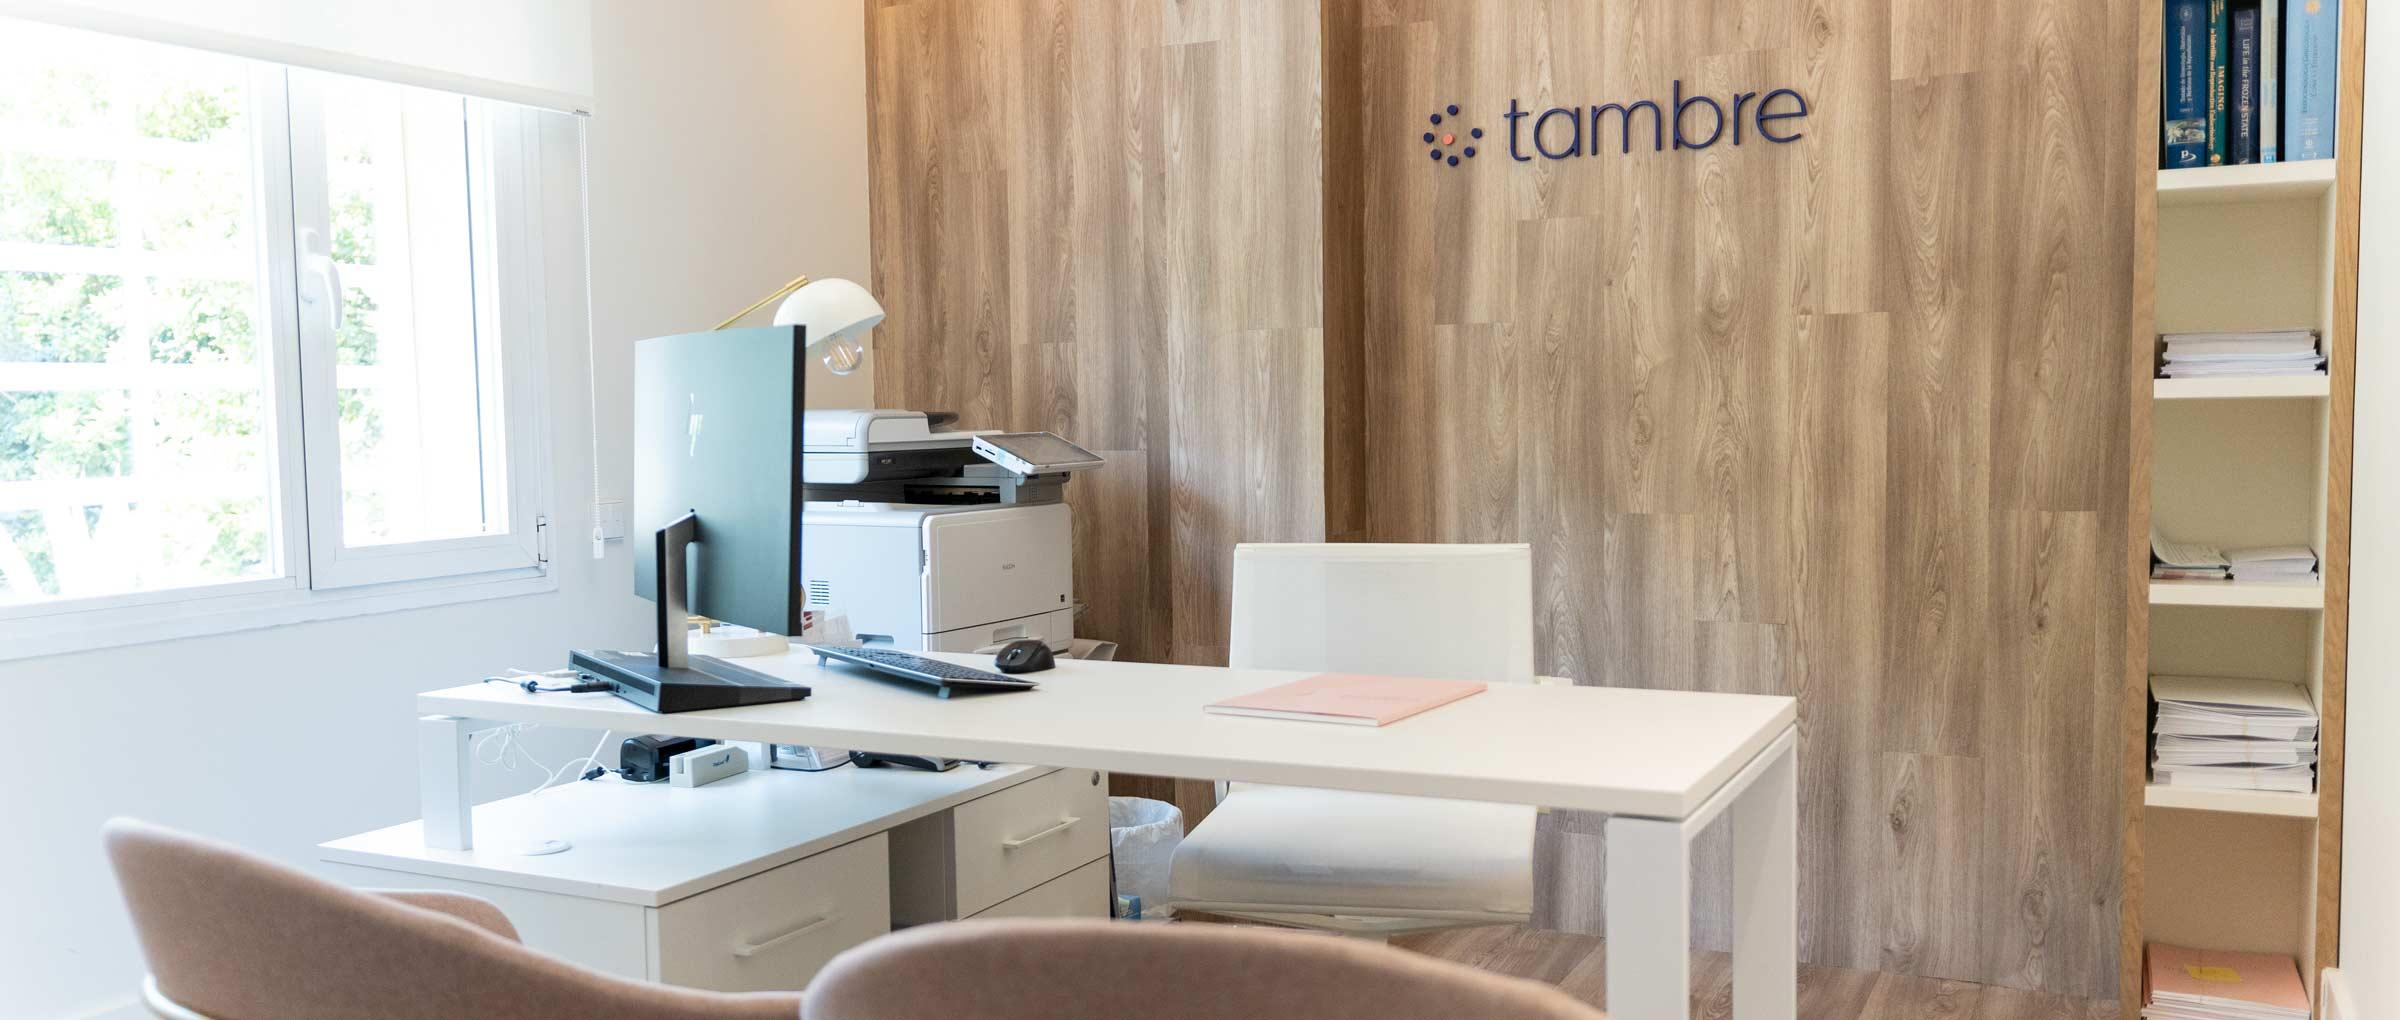 Consulta de la clínica Tambre